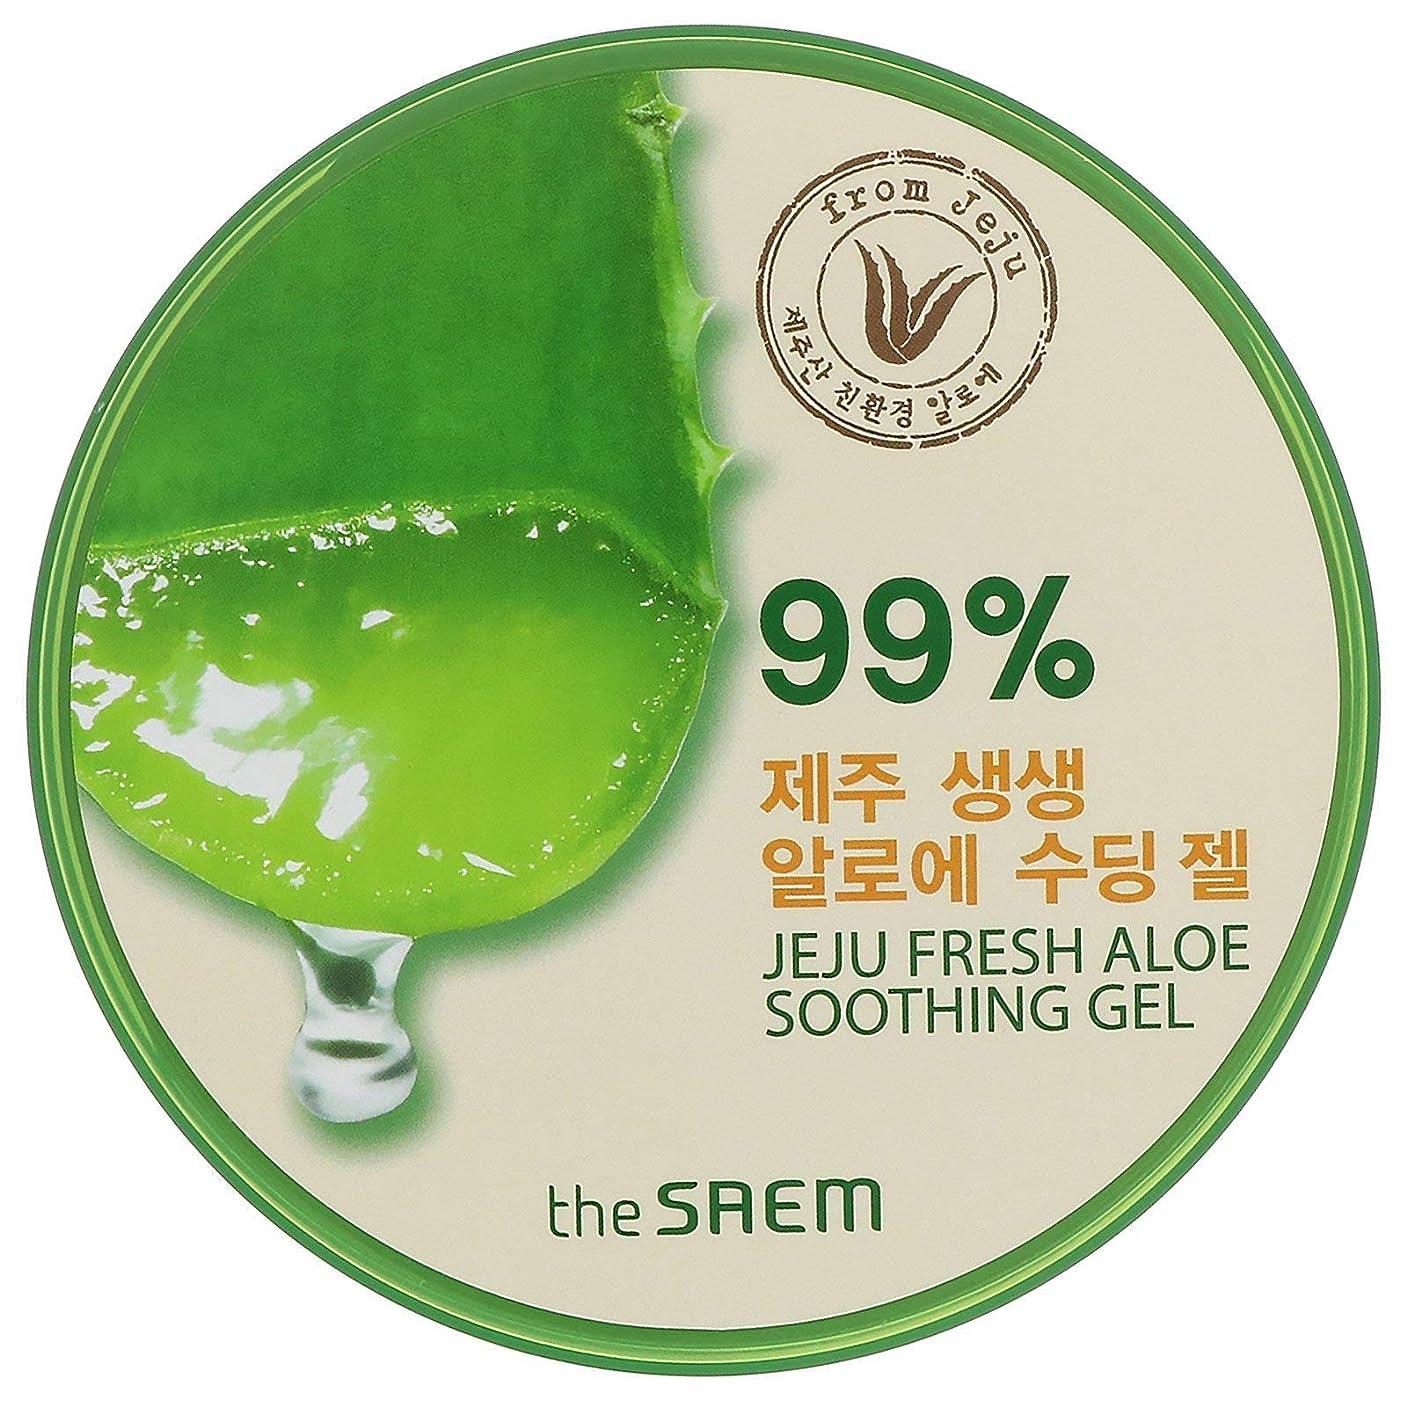 かなりのヒューズ懇願する即日発送 【国内発送】ザセム アロエスーディングジェル99% 頭からつま先までしっとり The SAEM Jeju Fresh ALOE Soothing Gel 99%